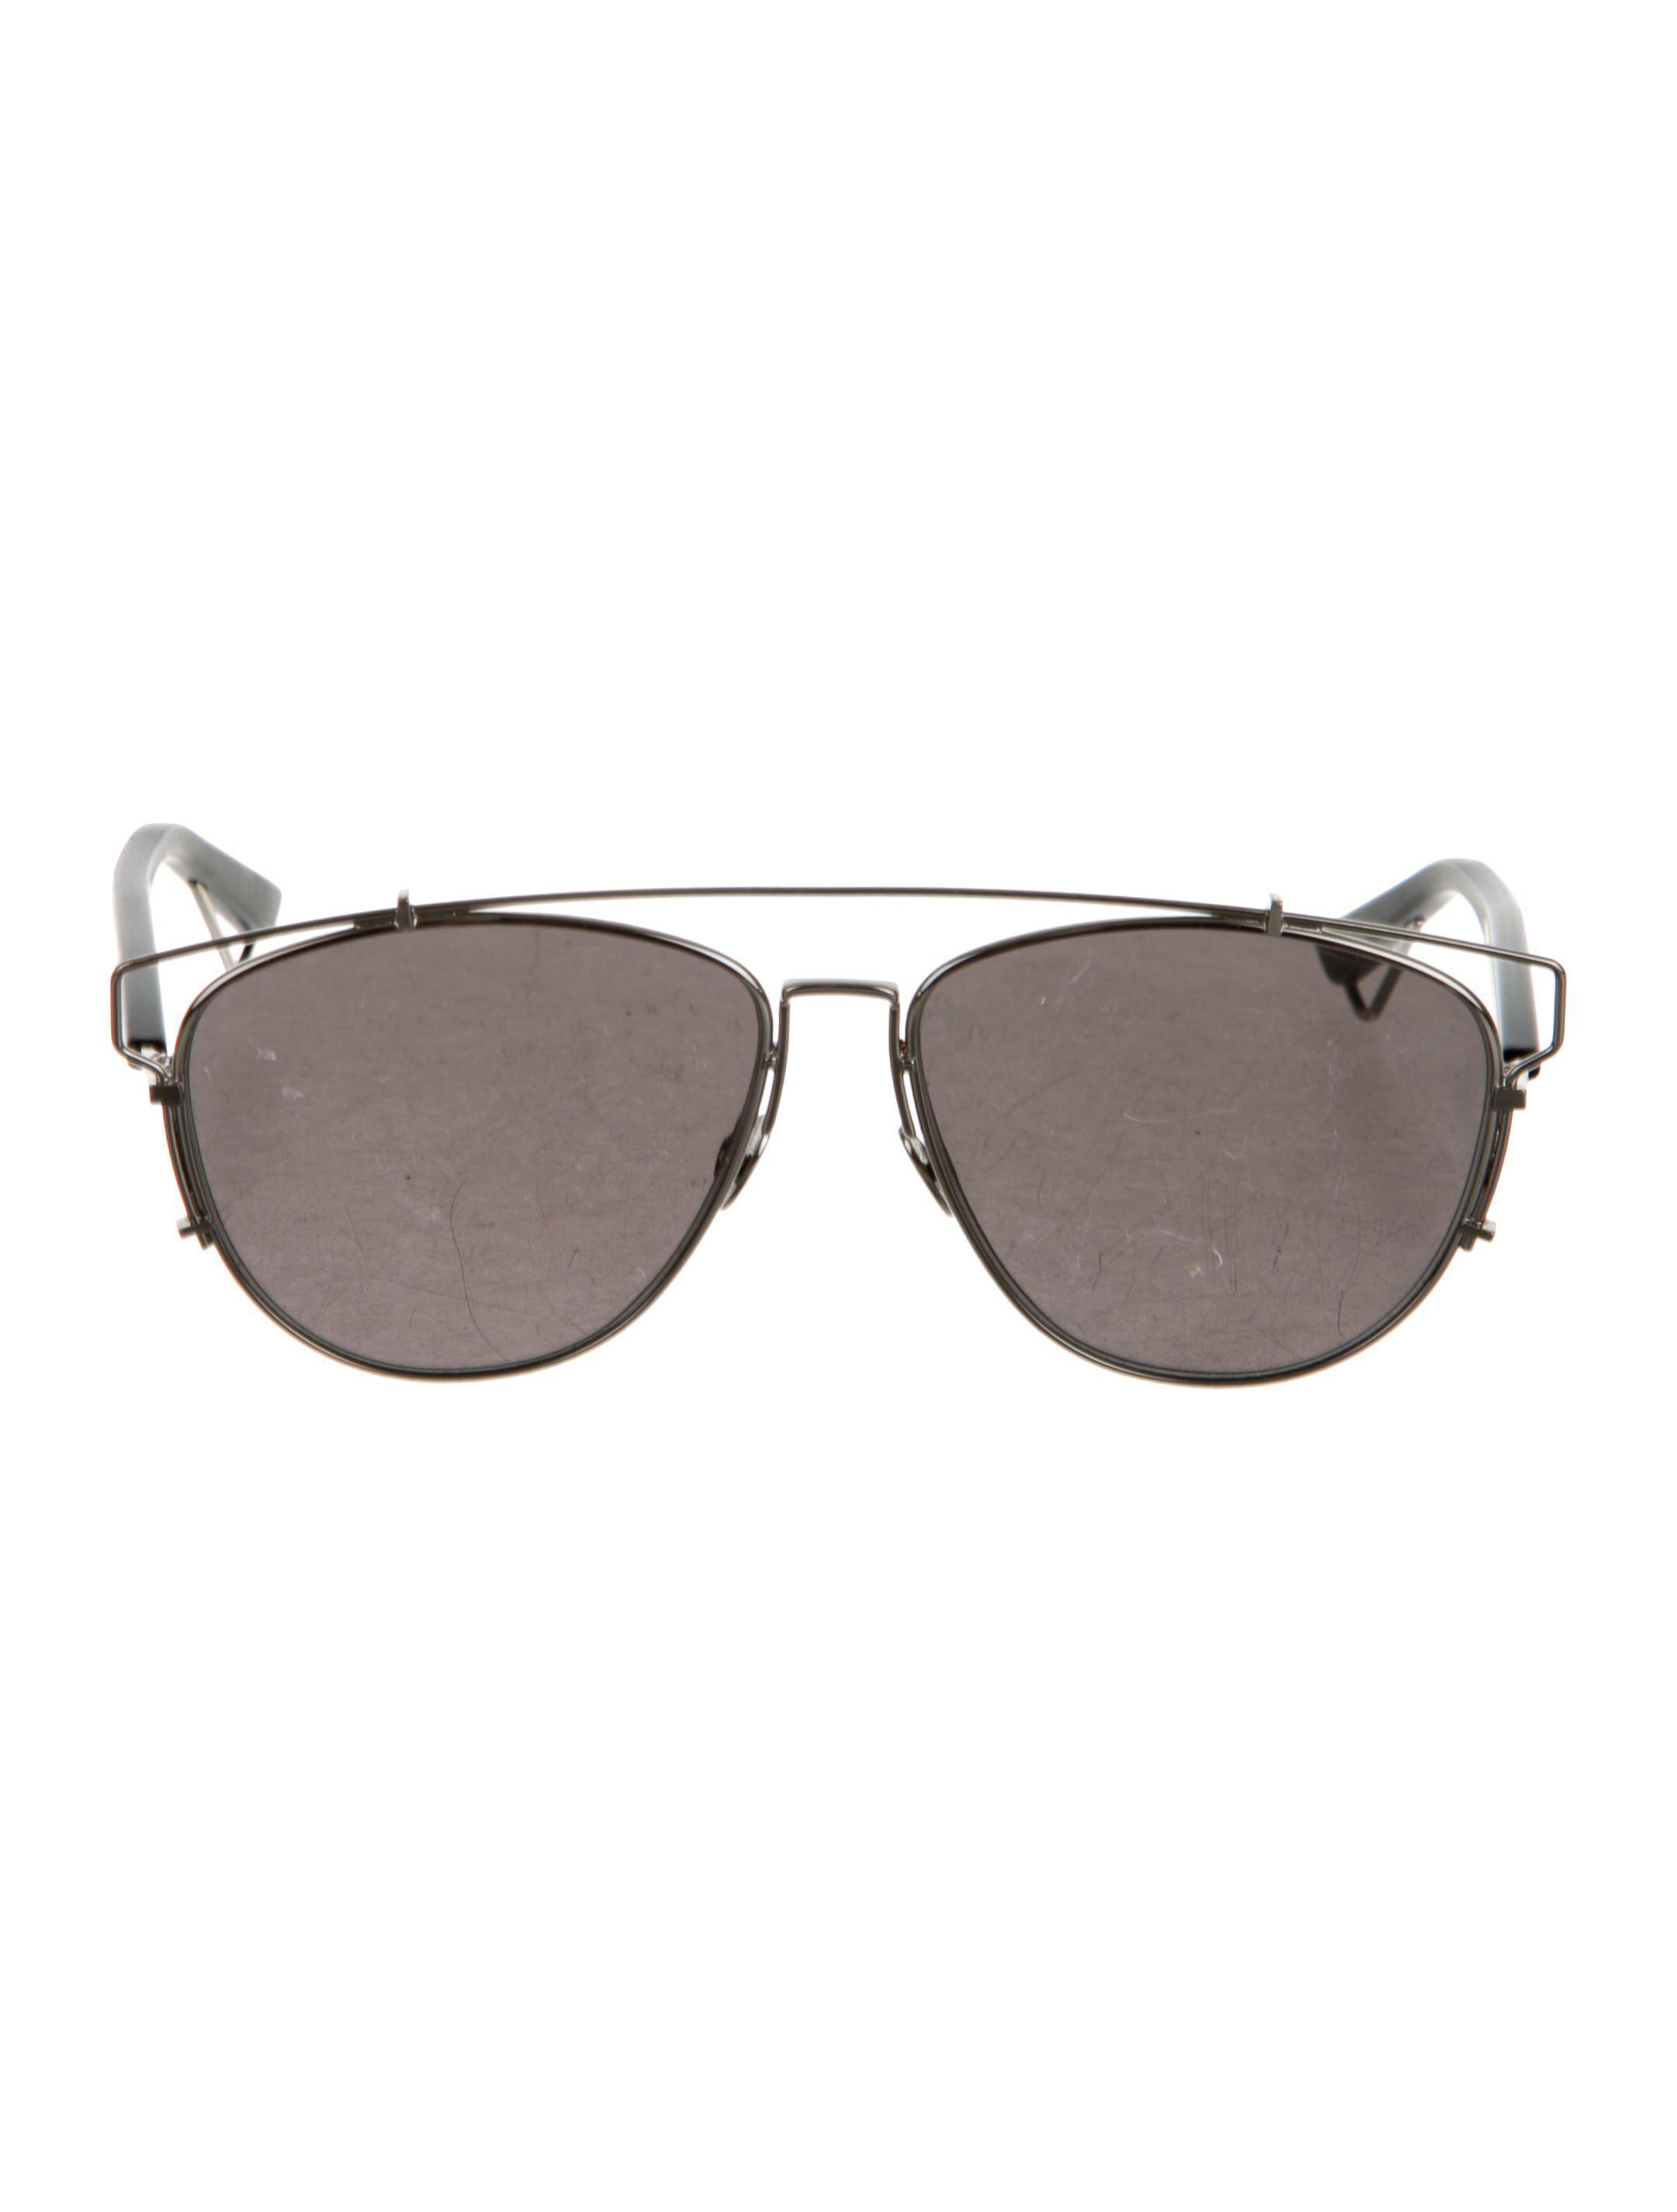 ac71230e77c9 Lyst - Dior Technologic Reflective Sunglasses Silver in Metallic